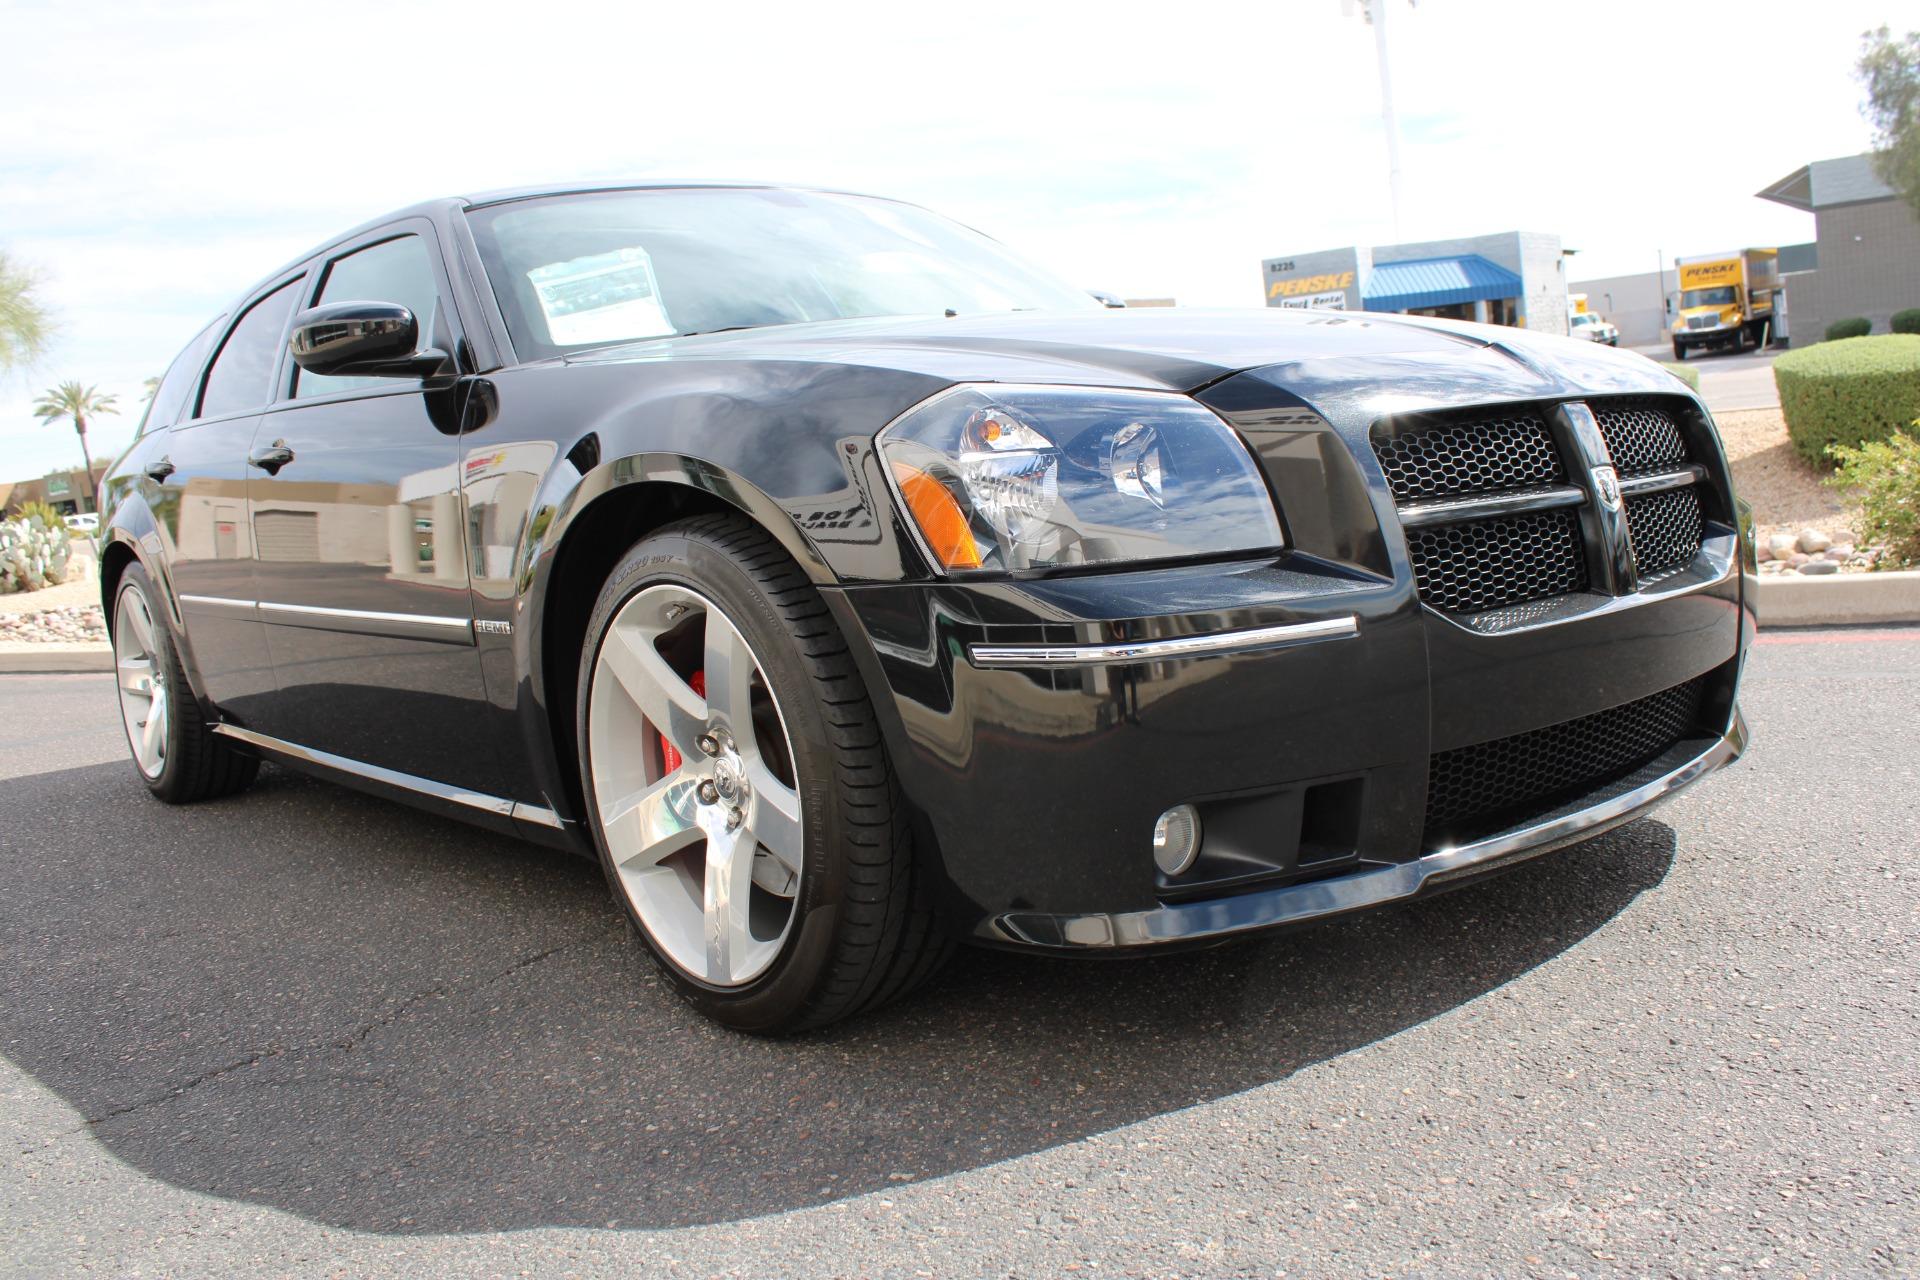 Used-2006-Dodge-Magnum-SRT8-Mercedes-Benz